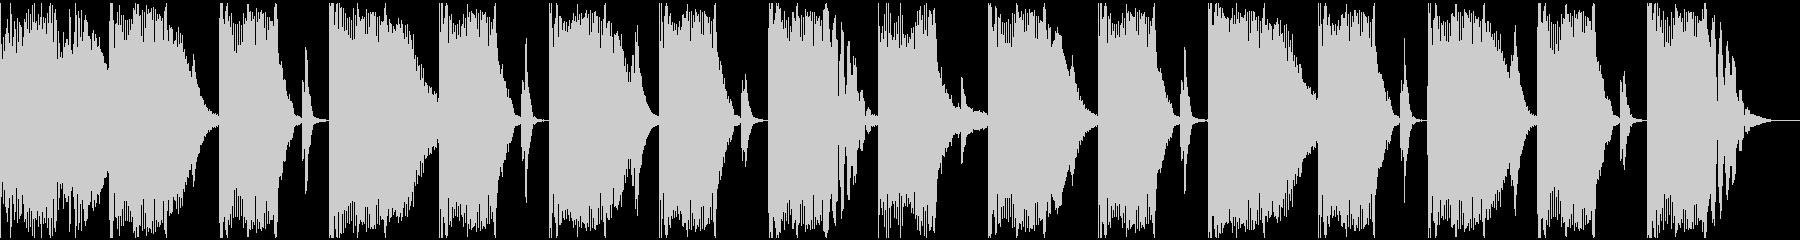 【エレクトロニカ】ロング2、ショート7の未再生の波形